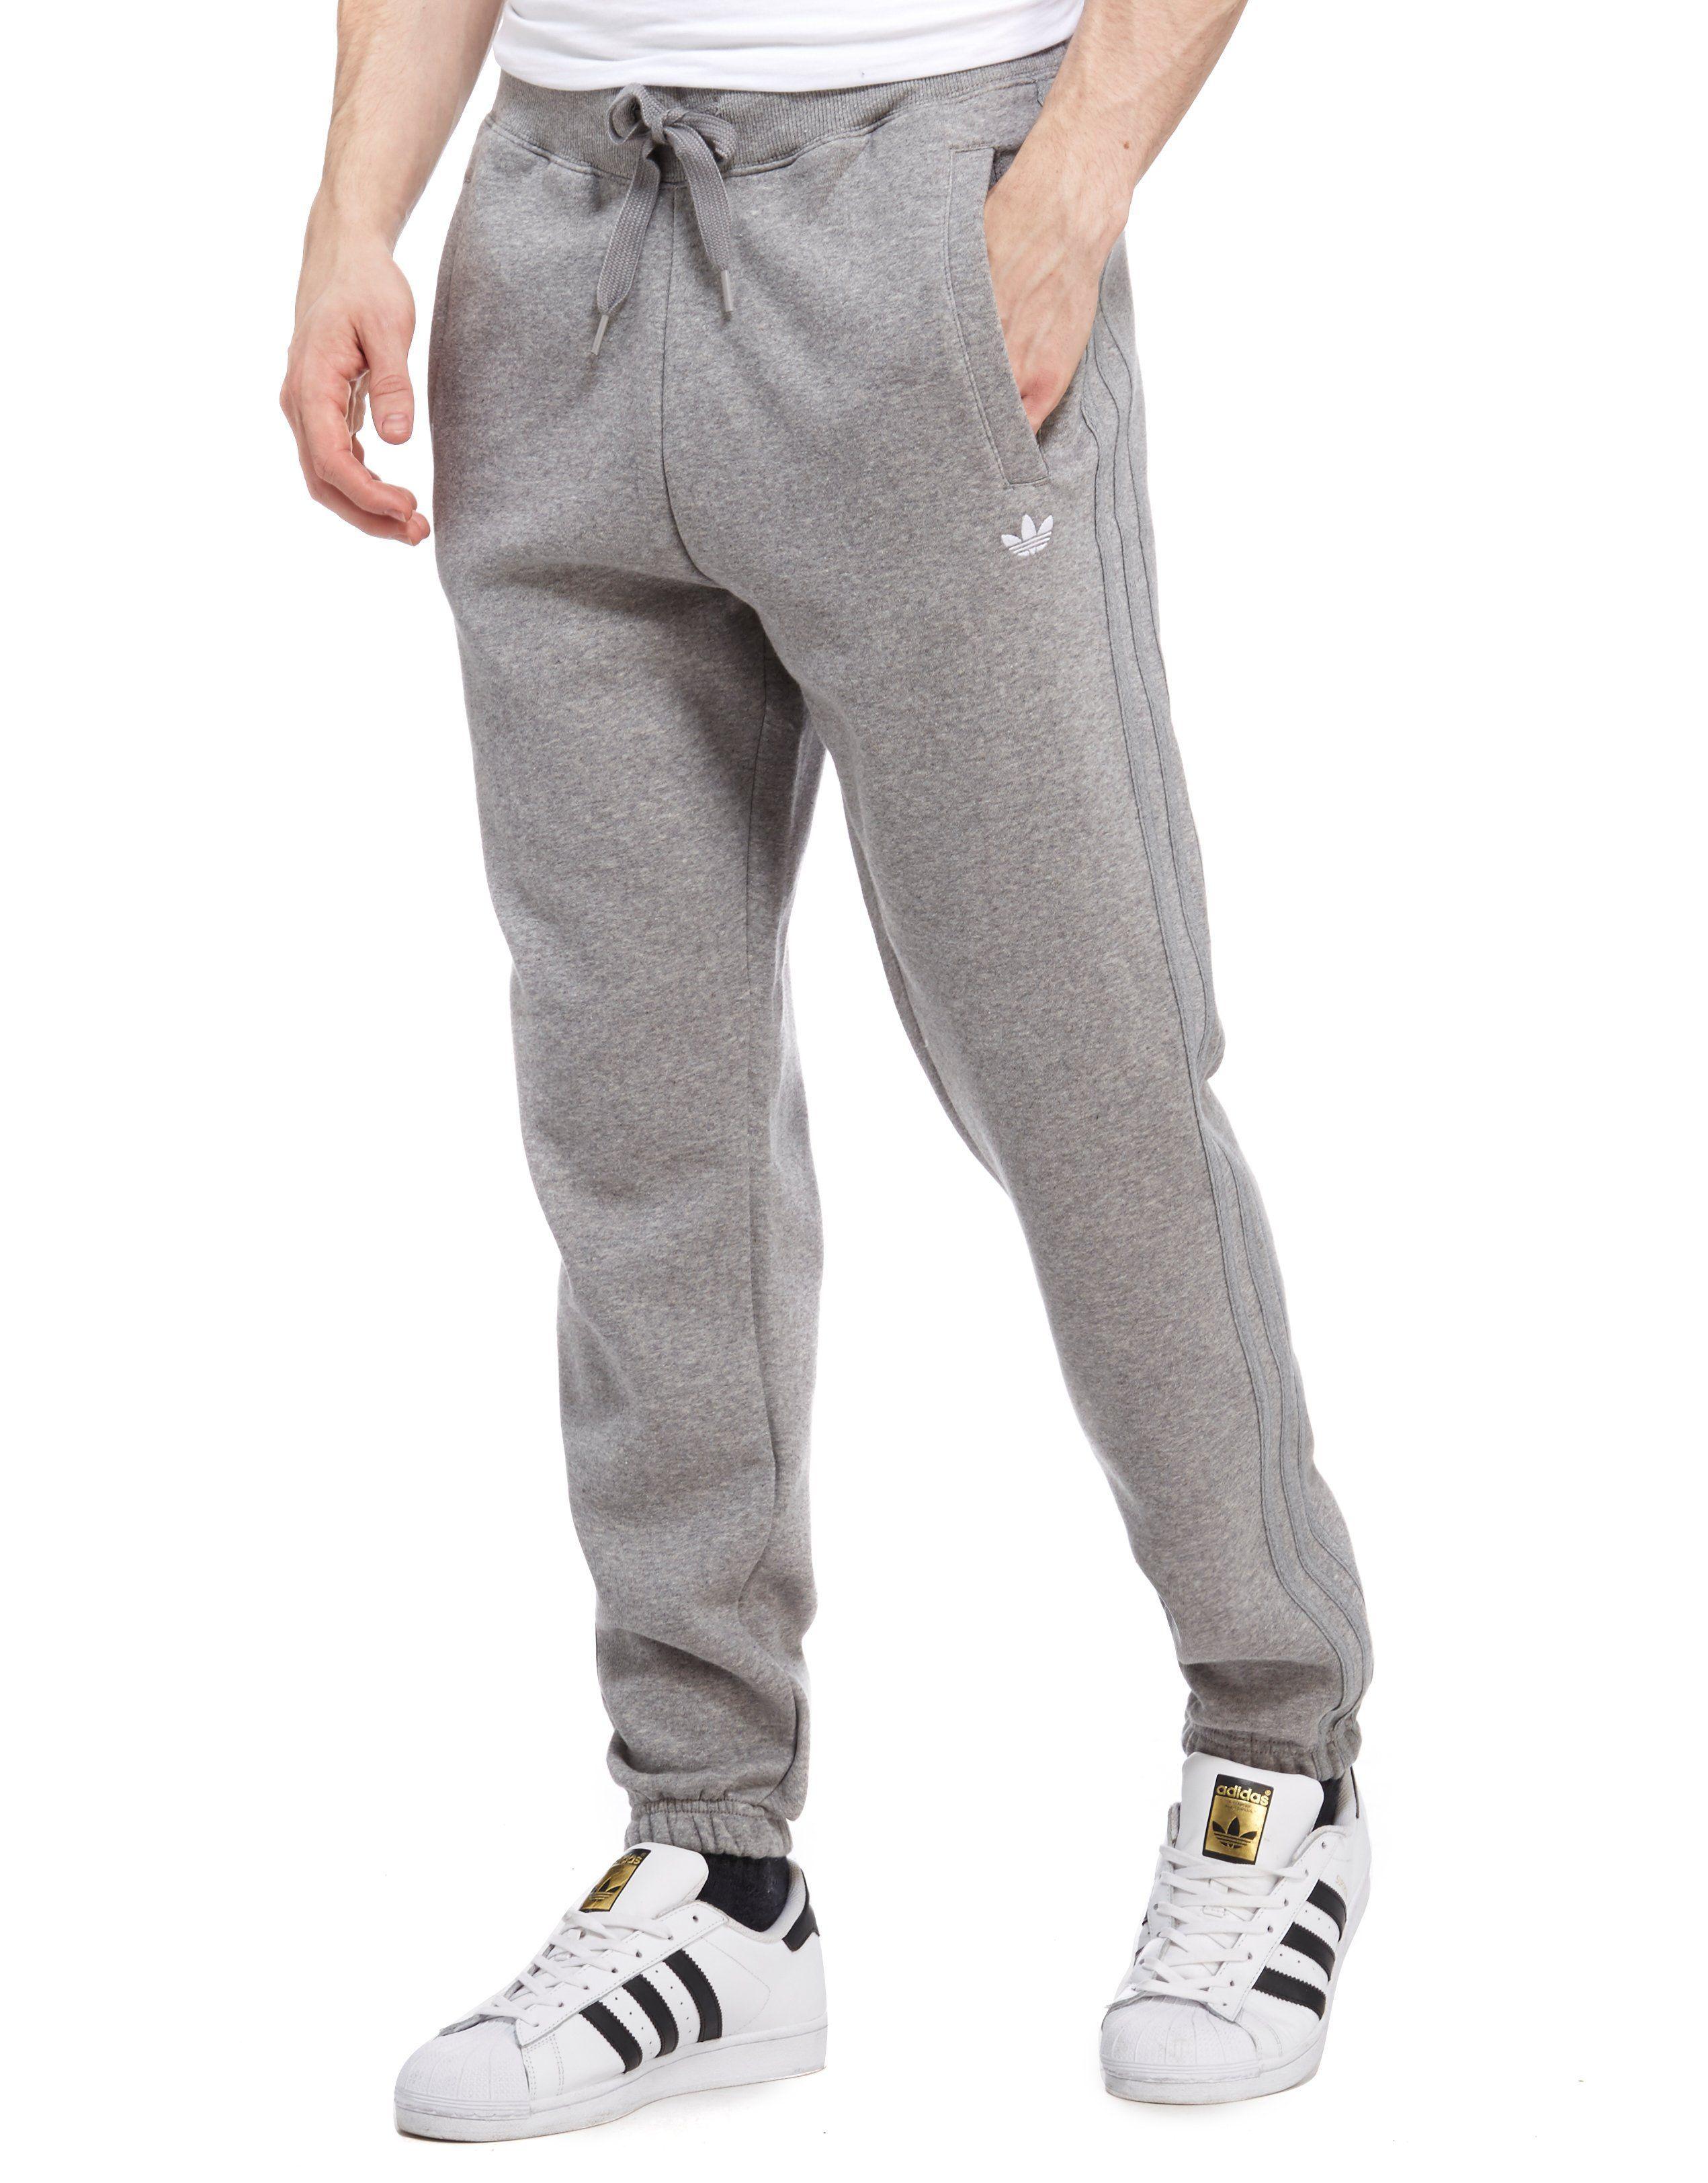 adidas Originals Pantalon de survêtement Trefoil Fleece